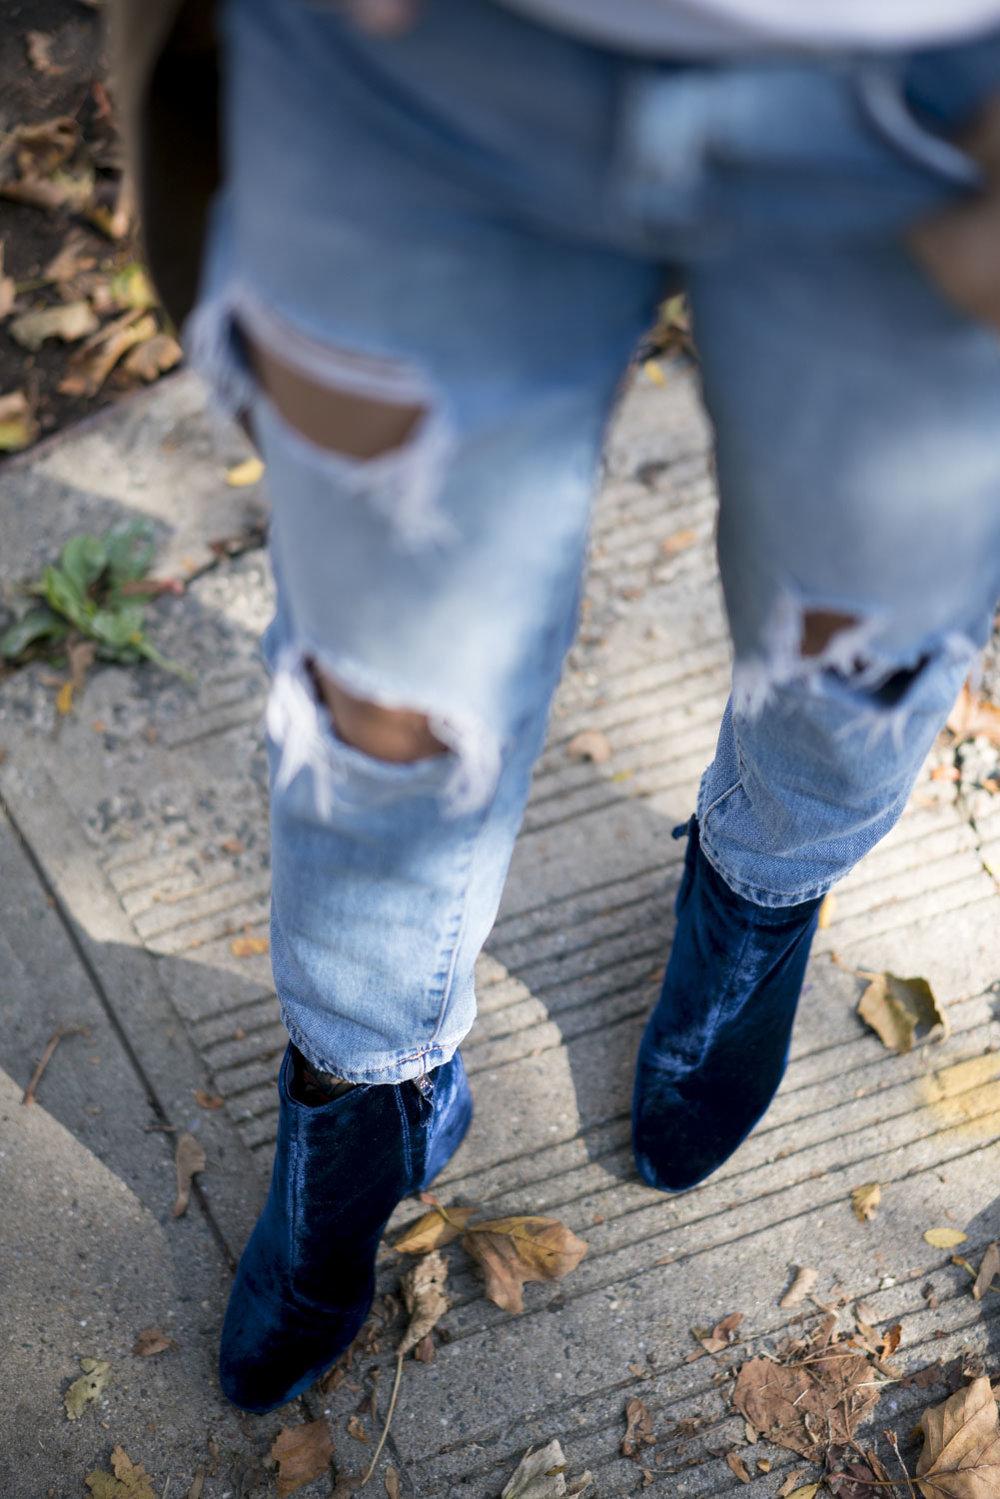 How to Wear Blue Velvet Booties